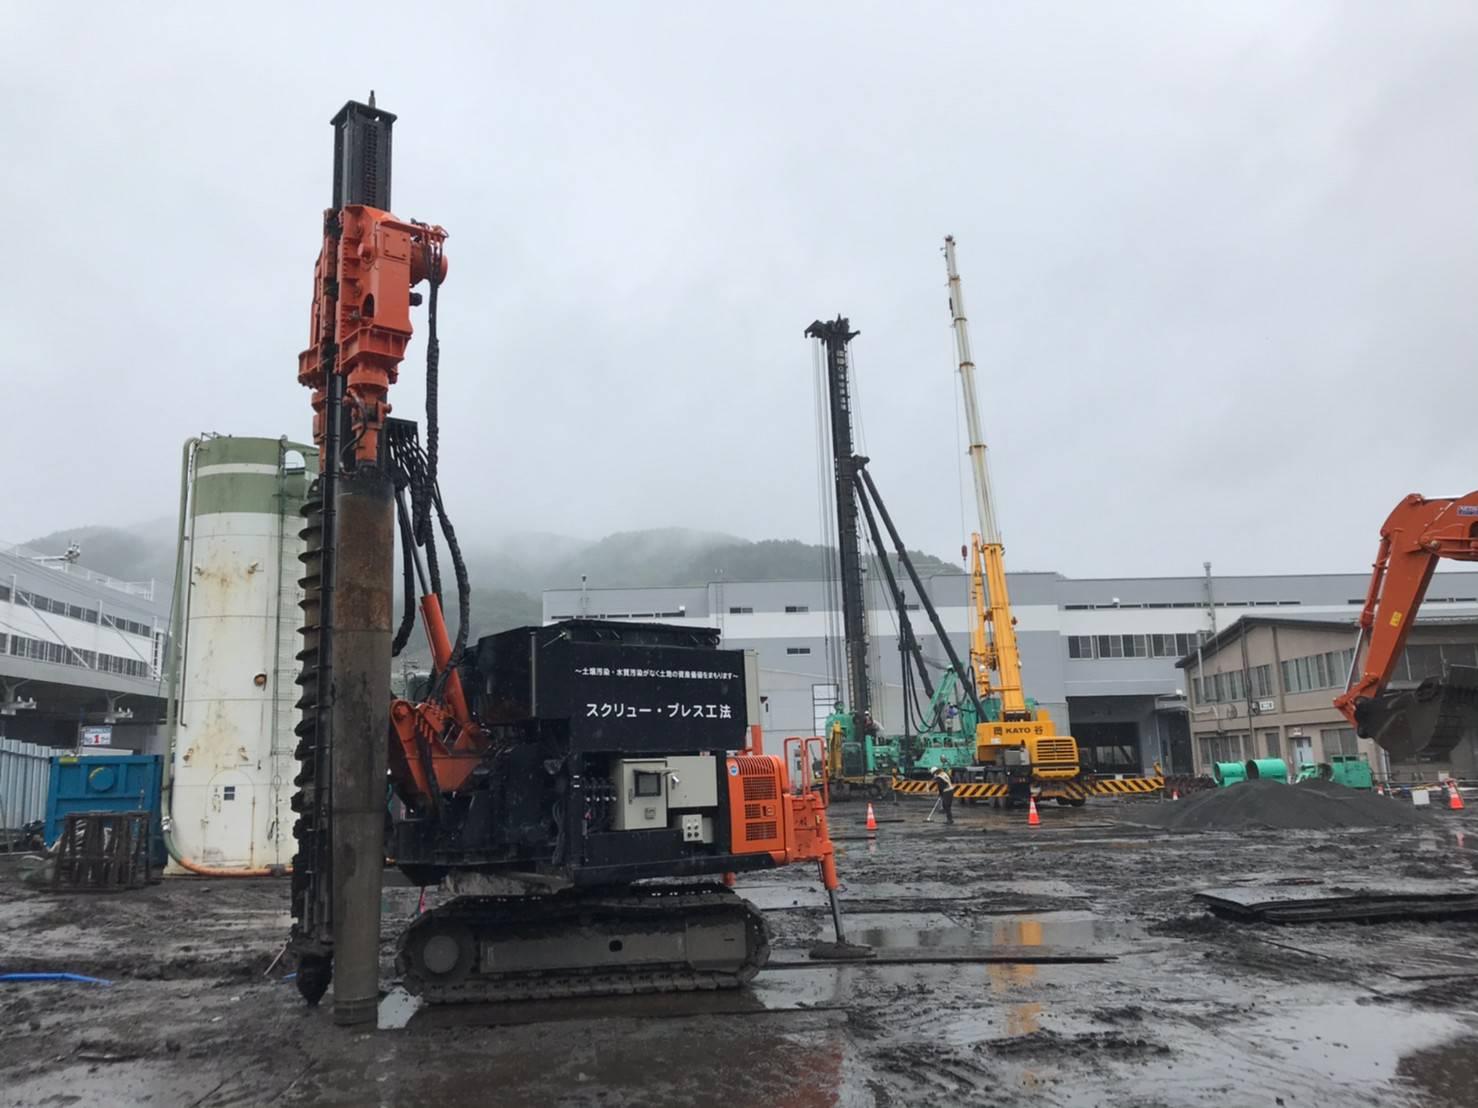 杭打機のトラフィカビリティ確保地盤補強工事